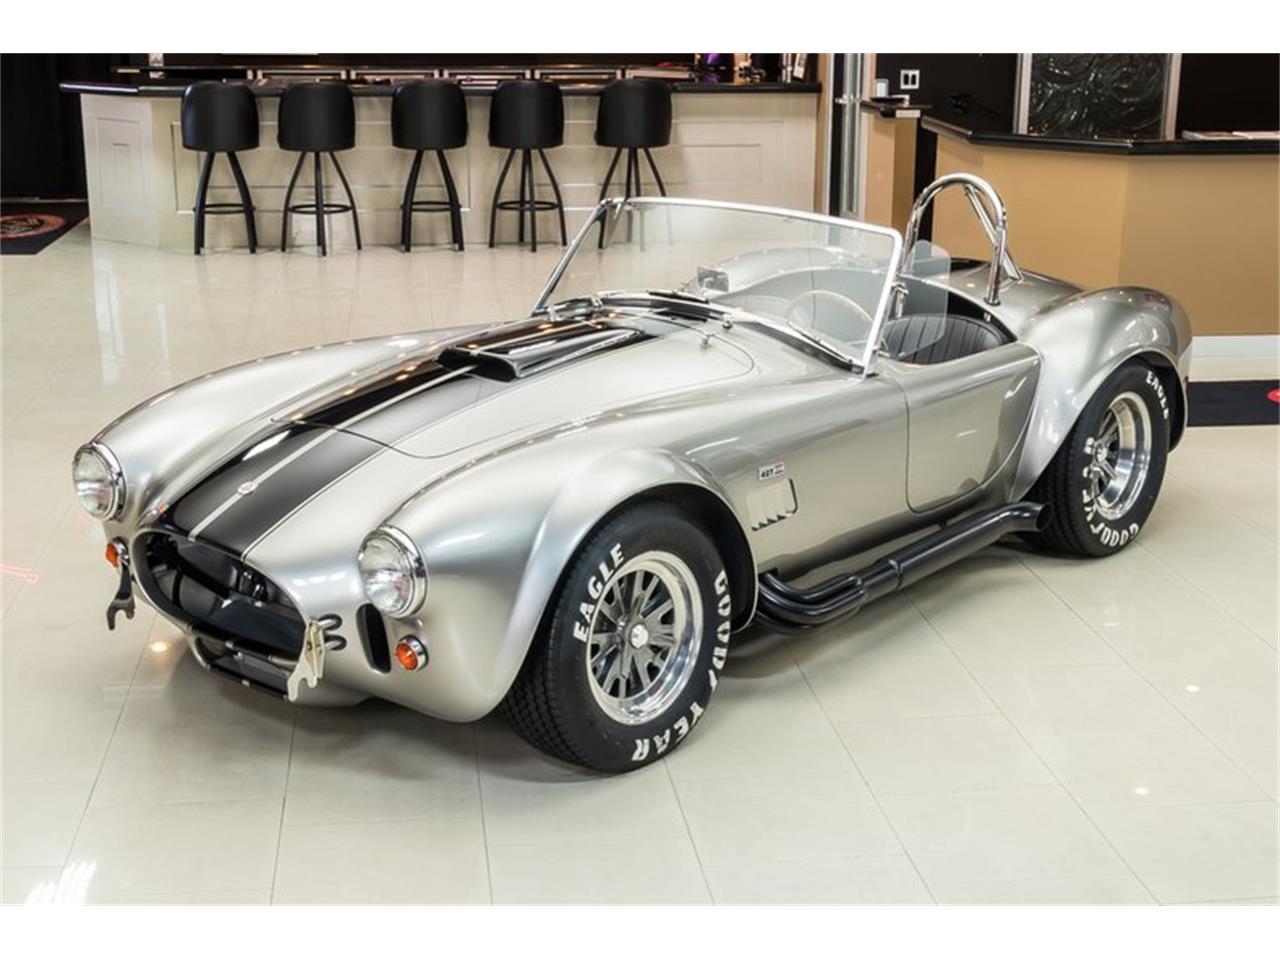 1965 Shelby Cobra For Sale Classiccarscom Cc 1194057